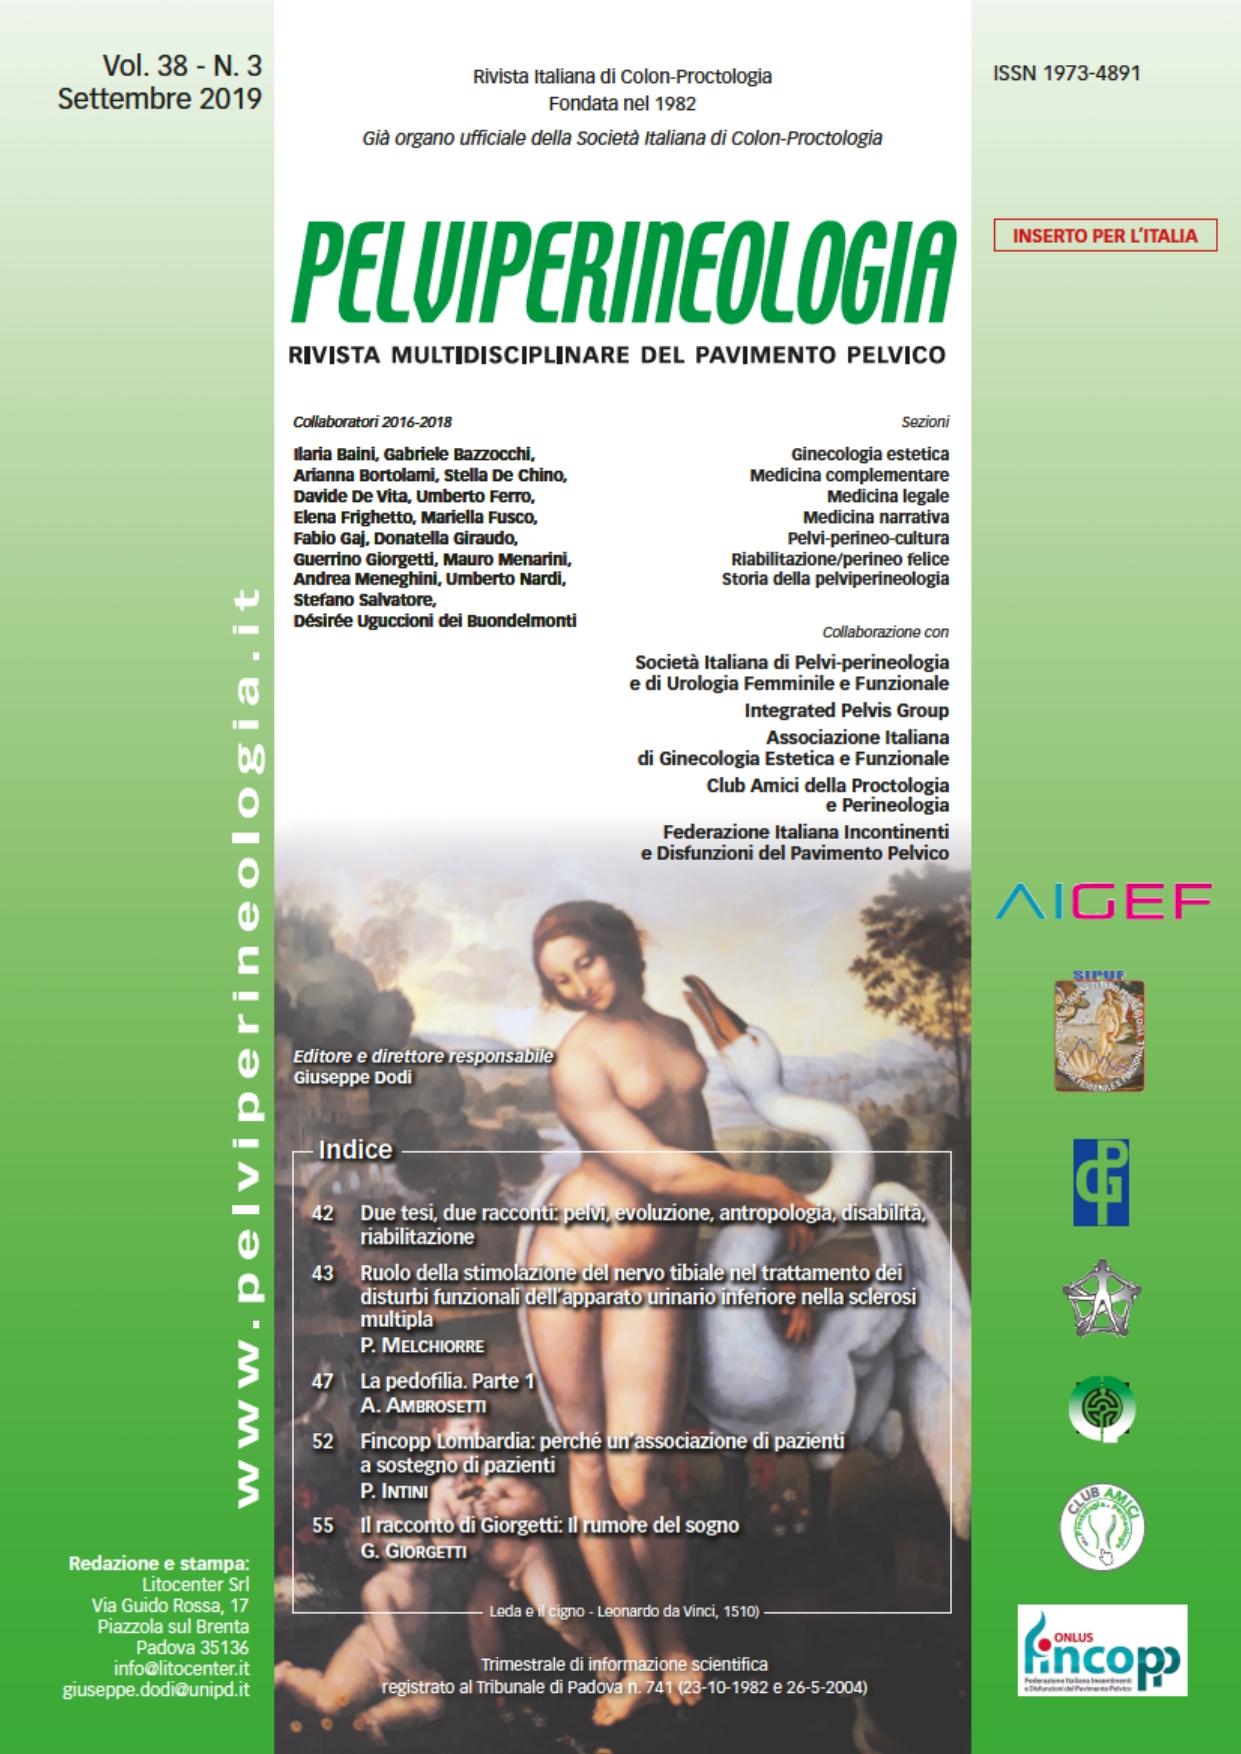 Fincopp su Pelviperineologia: perché un'associazione di pazienti.